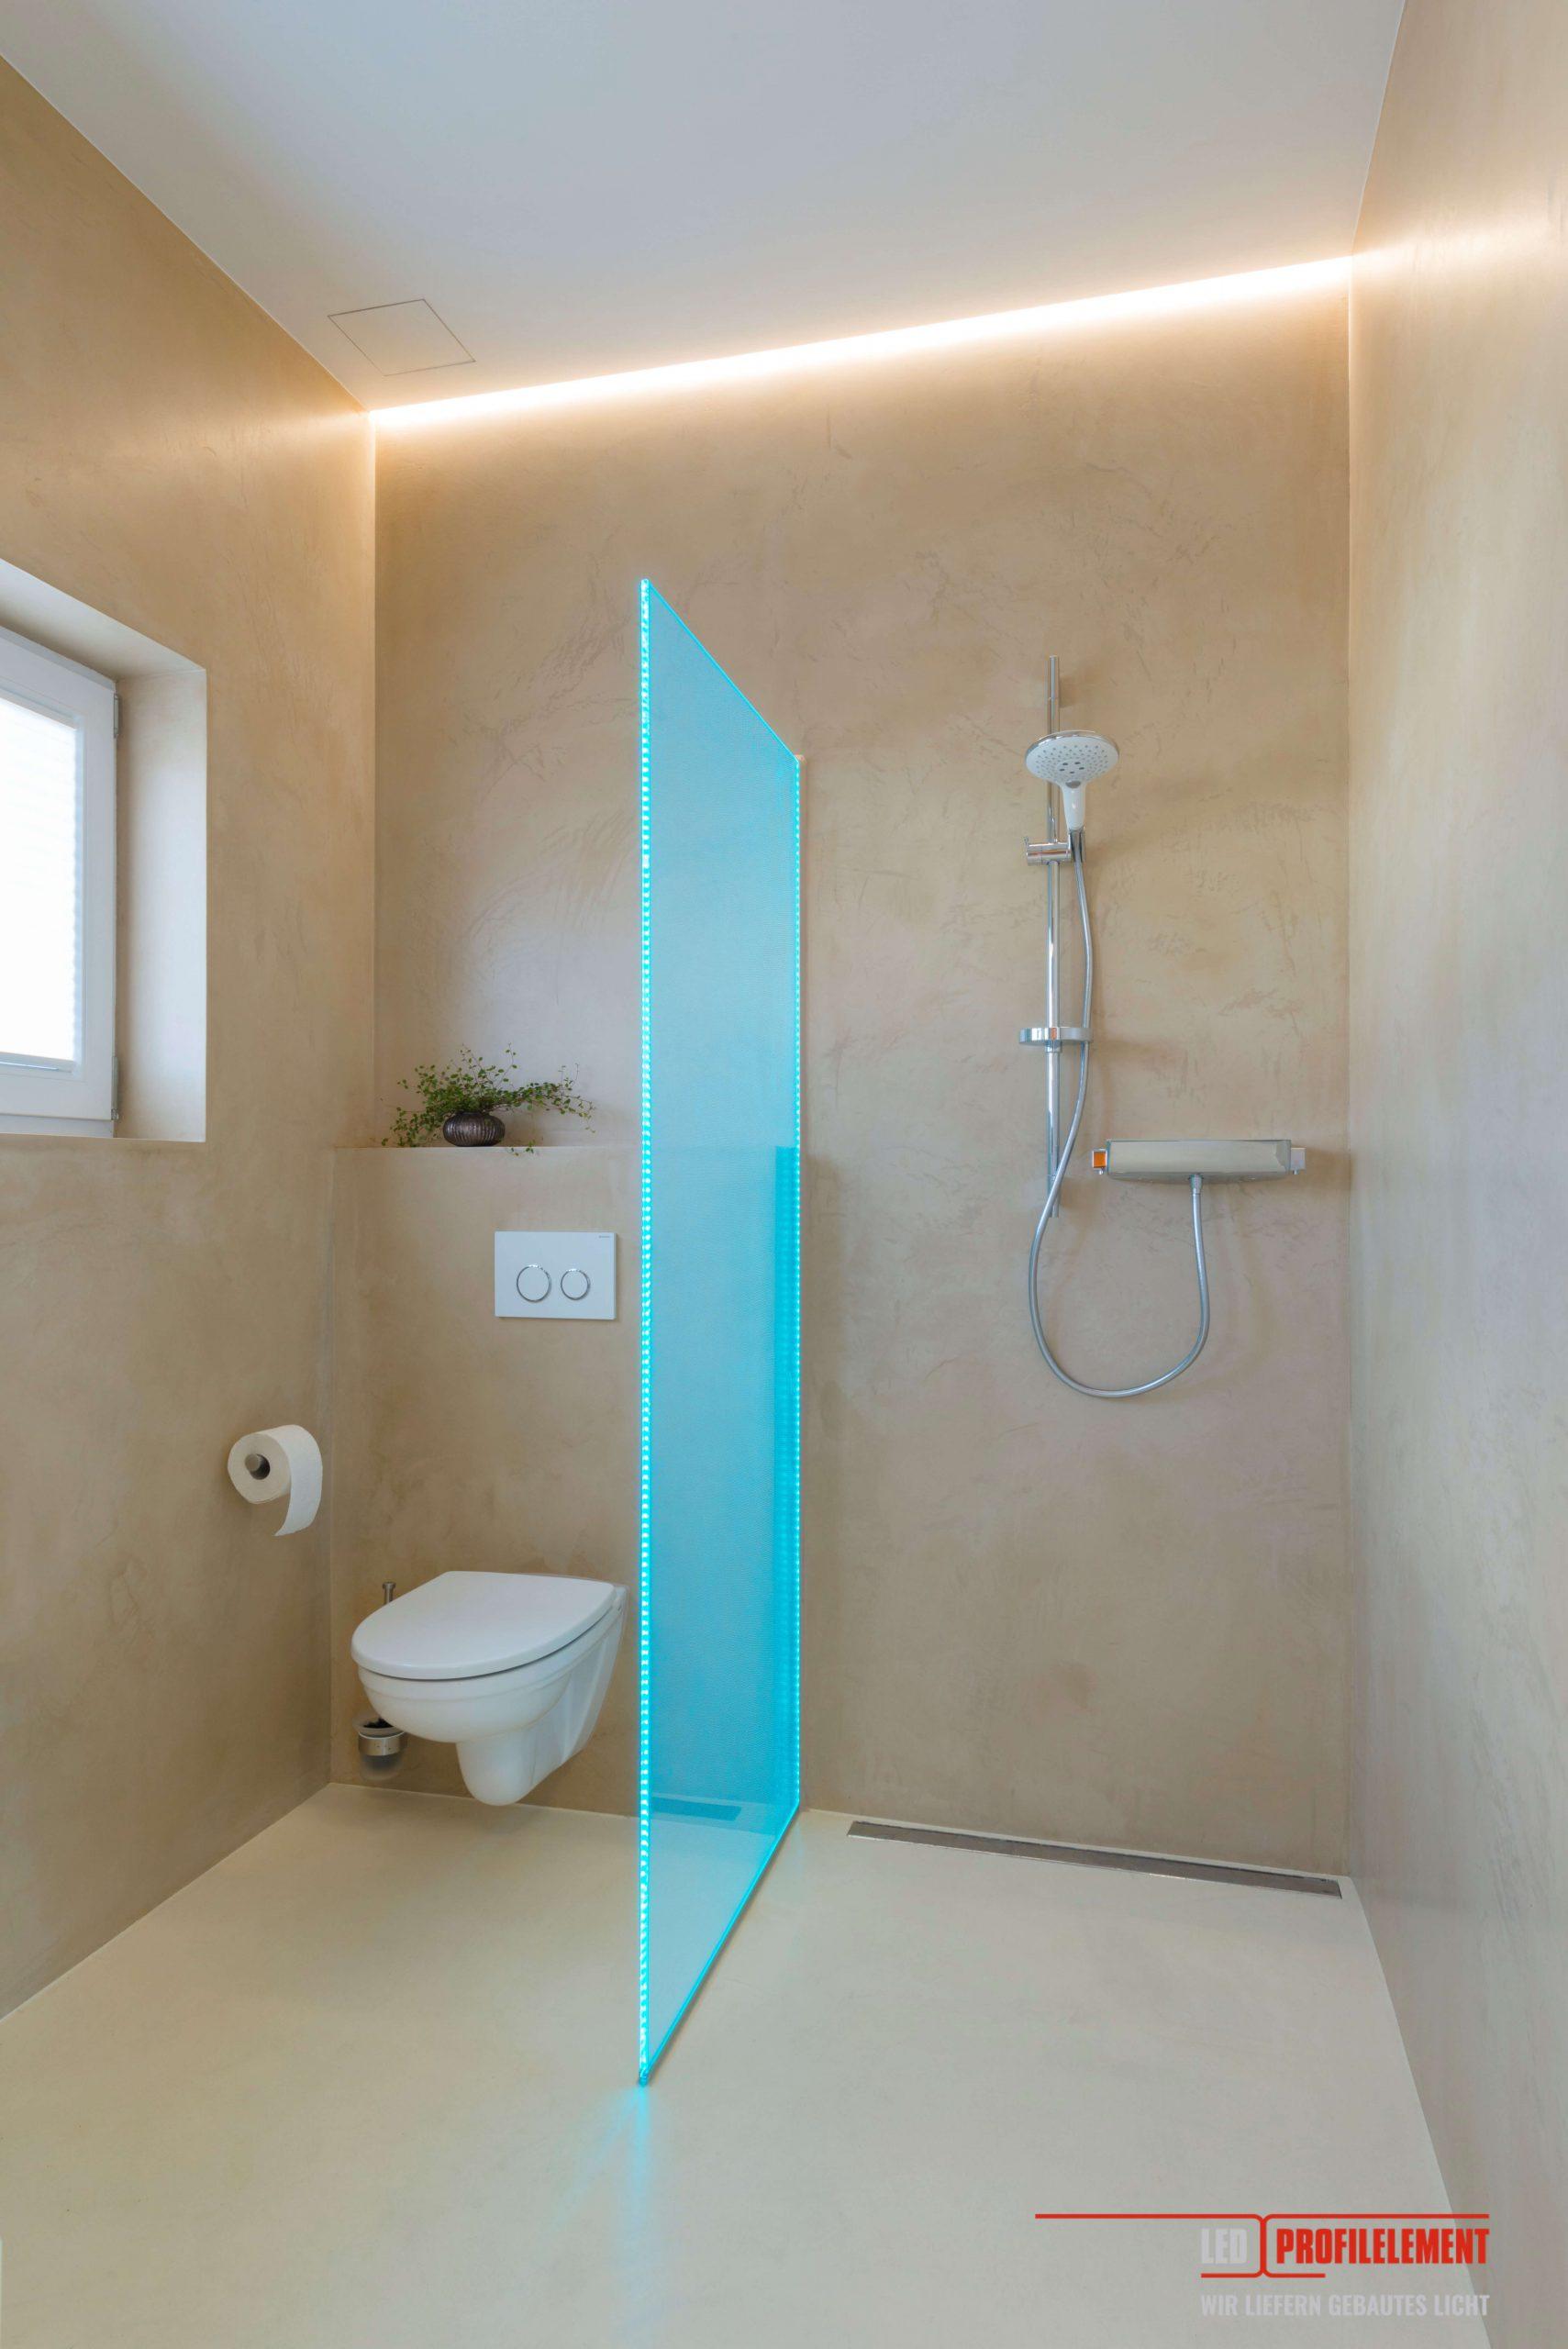 Full Size of Indirekte Beleuchtung Decke Led Profilelement Lichtdesign Konzept Realisierungxd83exdd47 Bett Mit Deckenleuchte Schlafzimmer Deckenleuchten Deckenlampen Für Wohnzimmer Indirekte Beleuchtung Decke